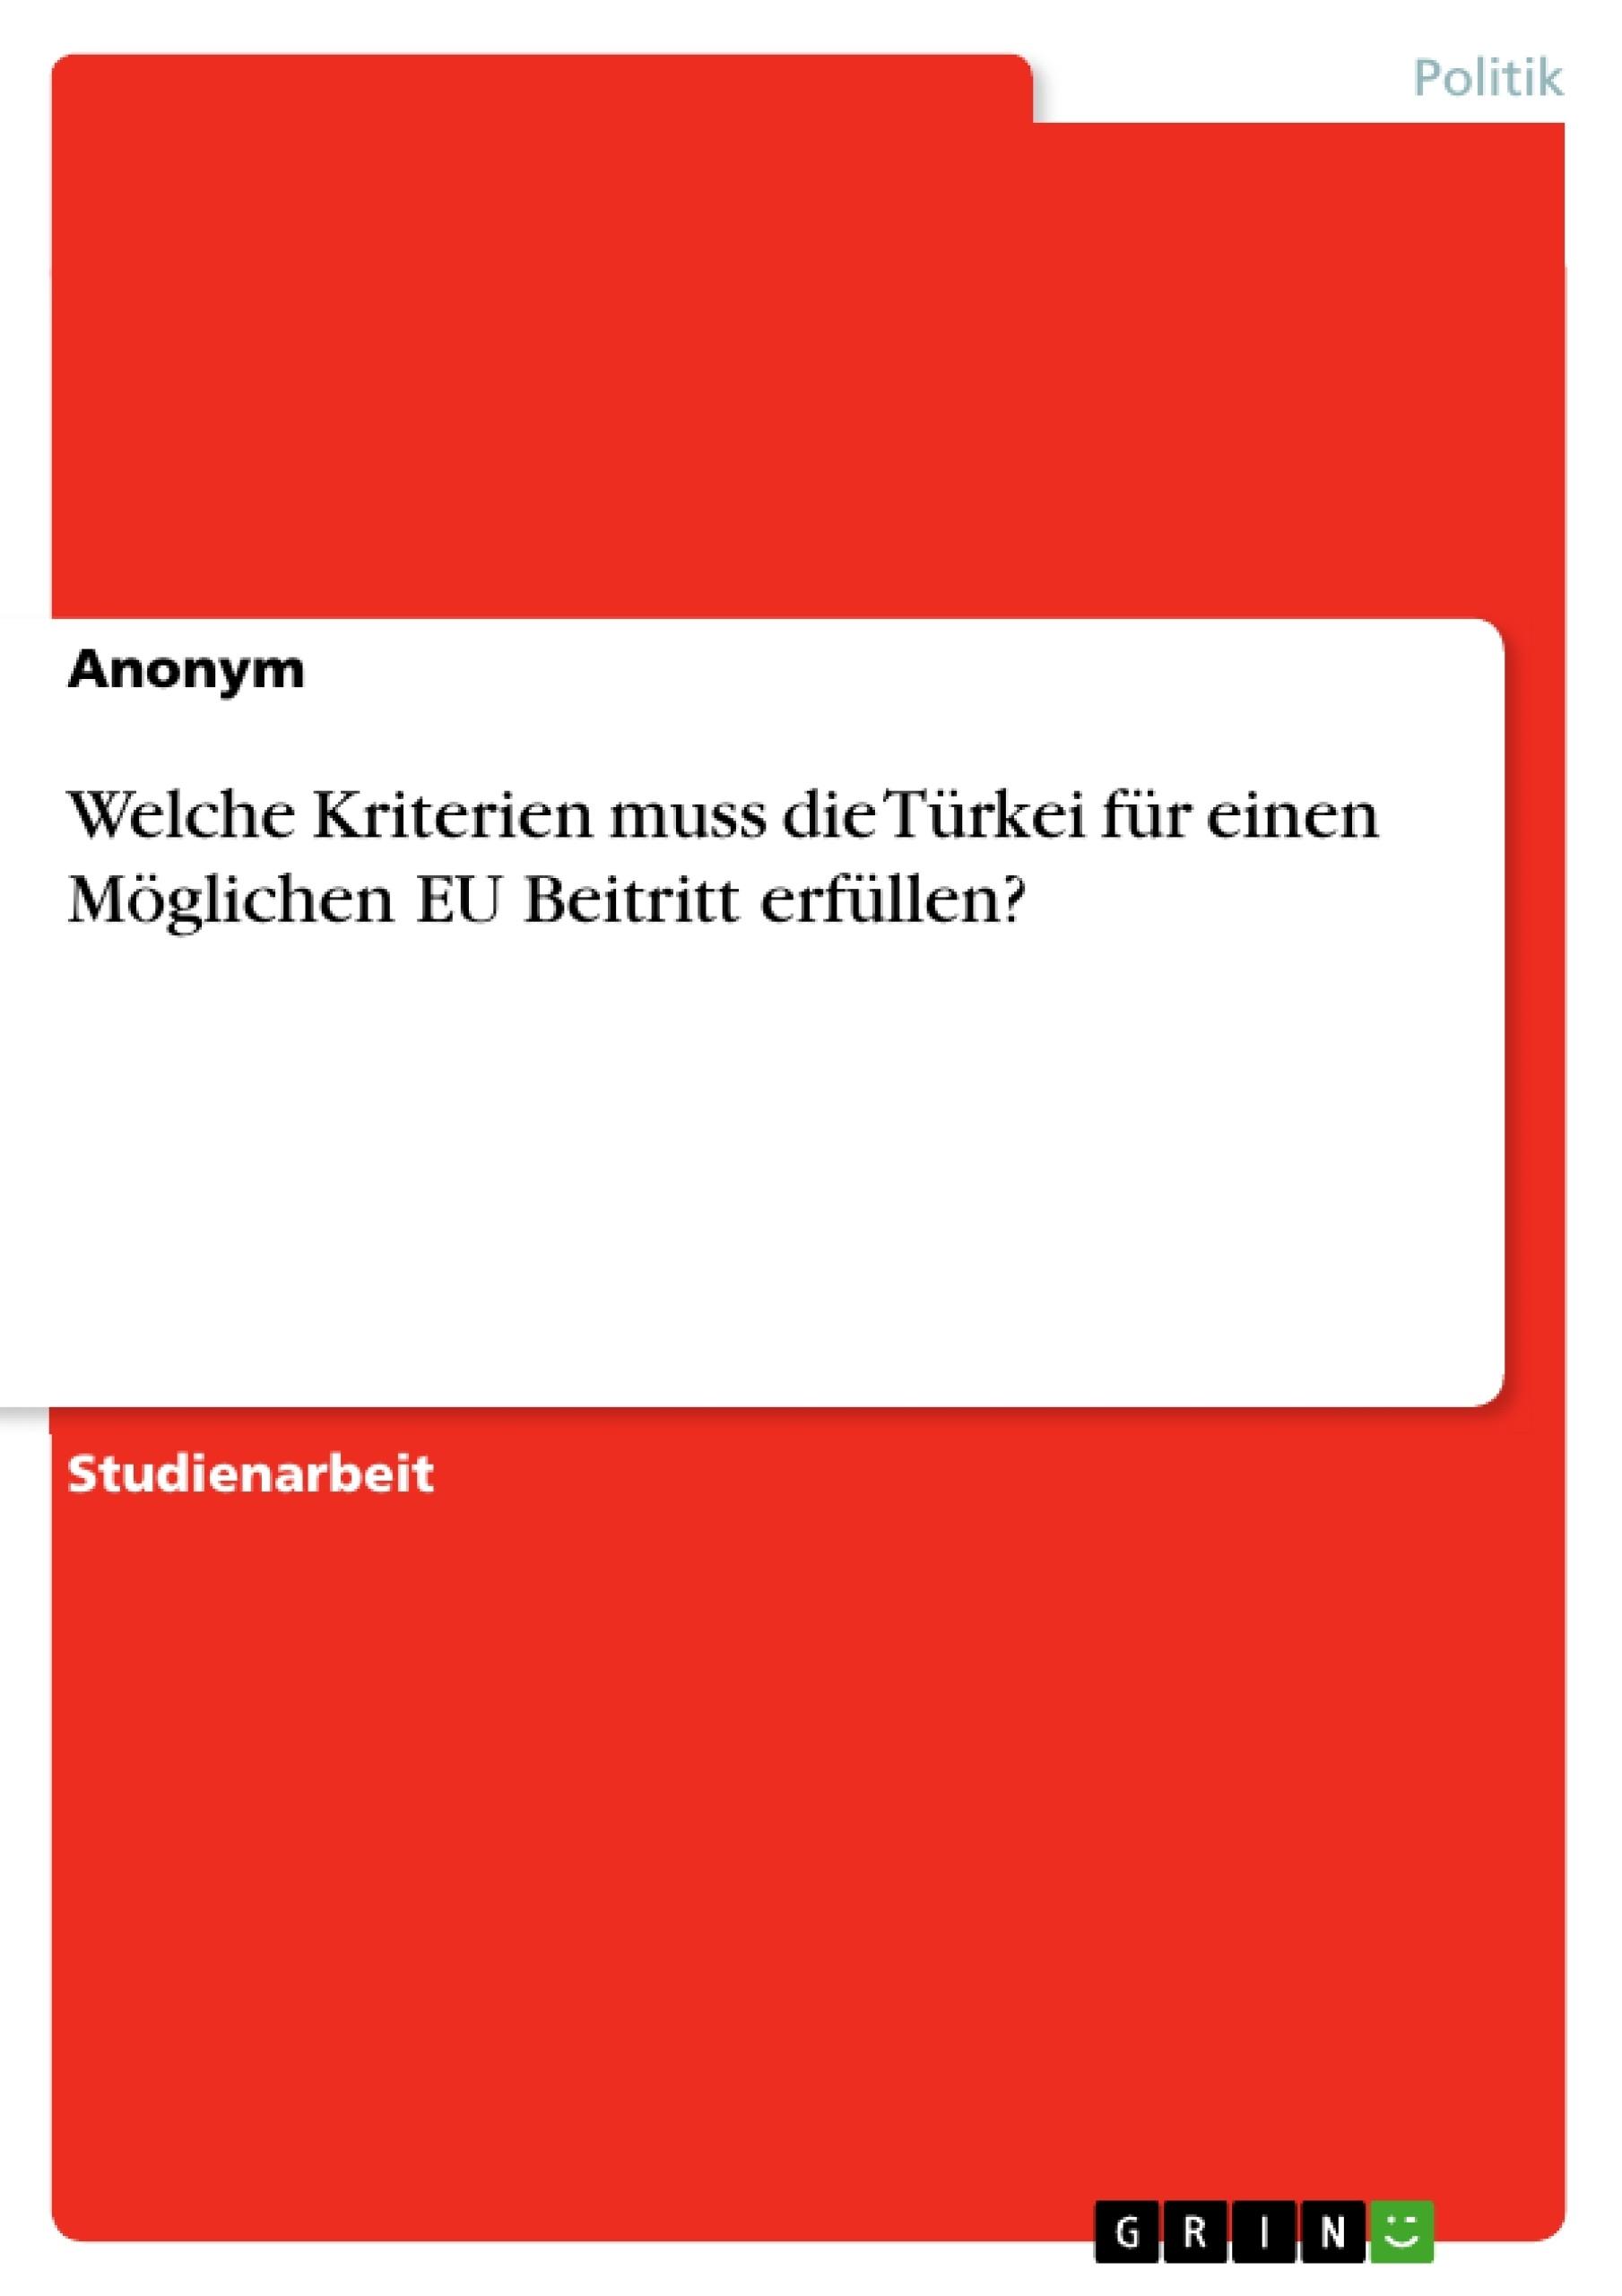 Titel: Welche Kriterien muss die Türkei für einen Möglichen EU Beitritt erfüllen?